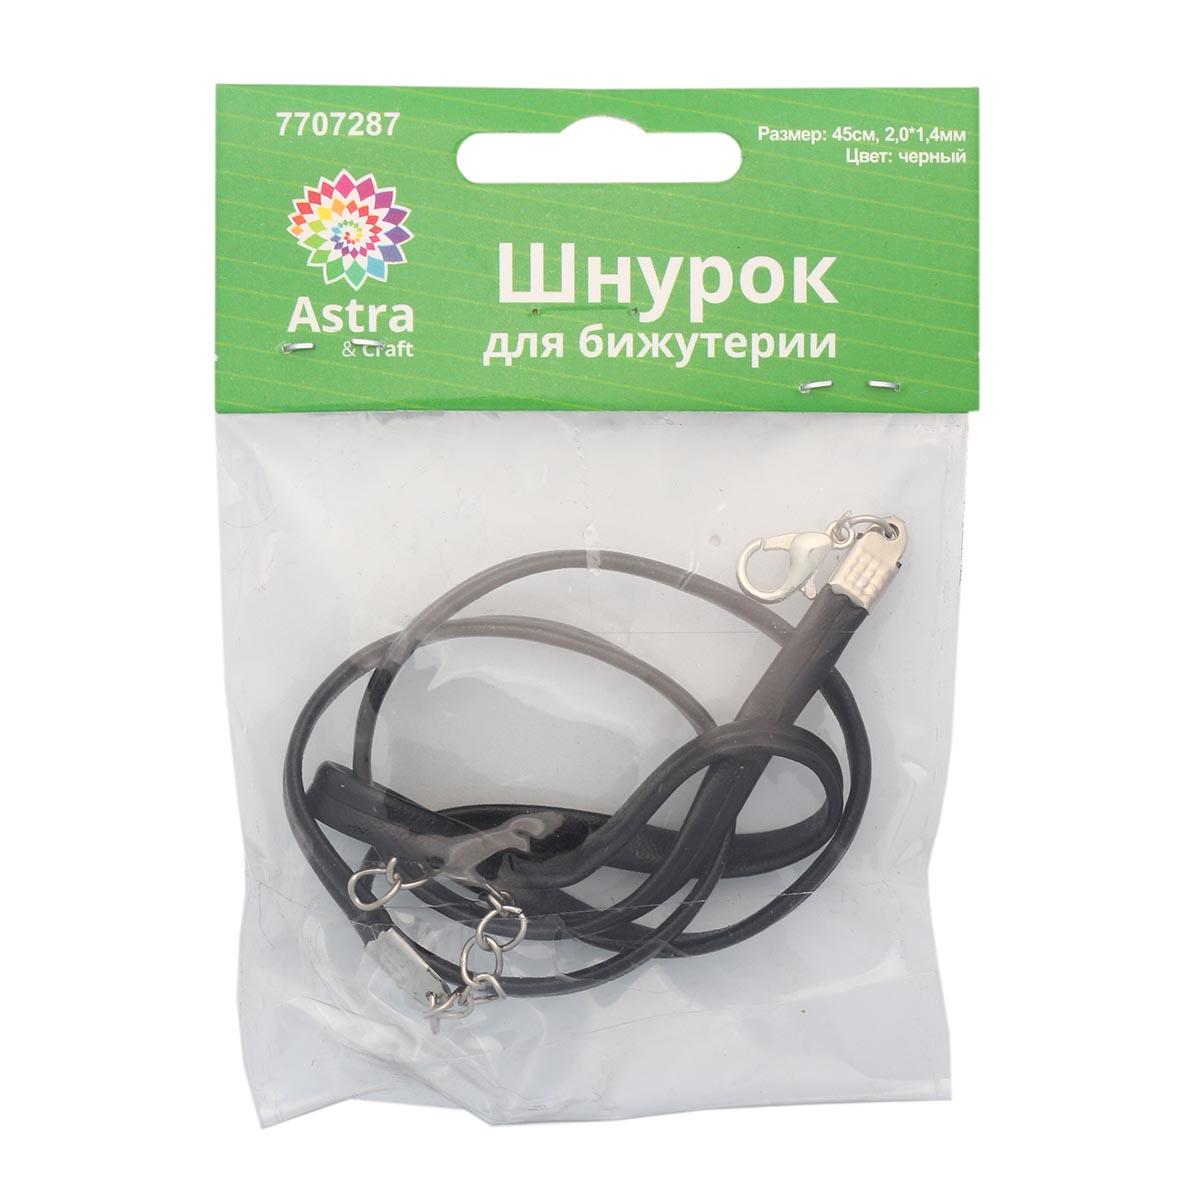 Шнурок декоративный WRE1020-A1, кож/зам, 45см, 2,0*1,4мм, 1 шт/упак